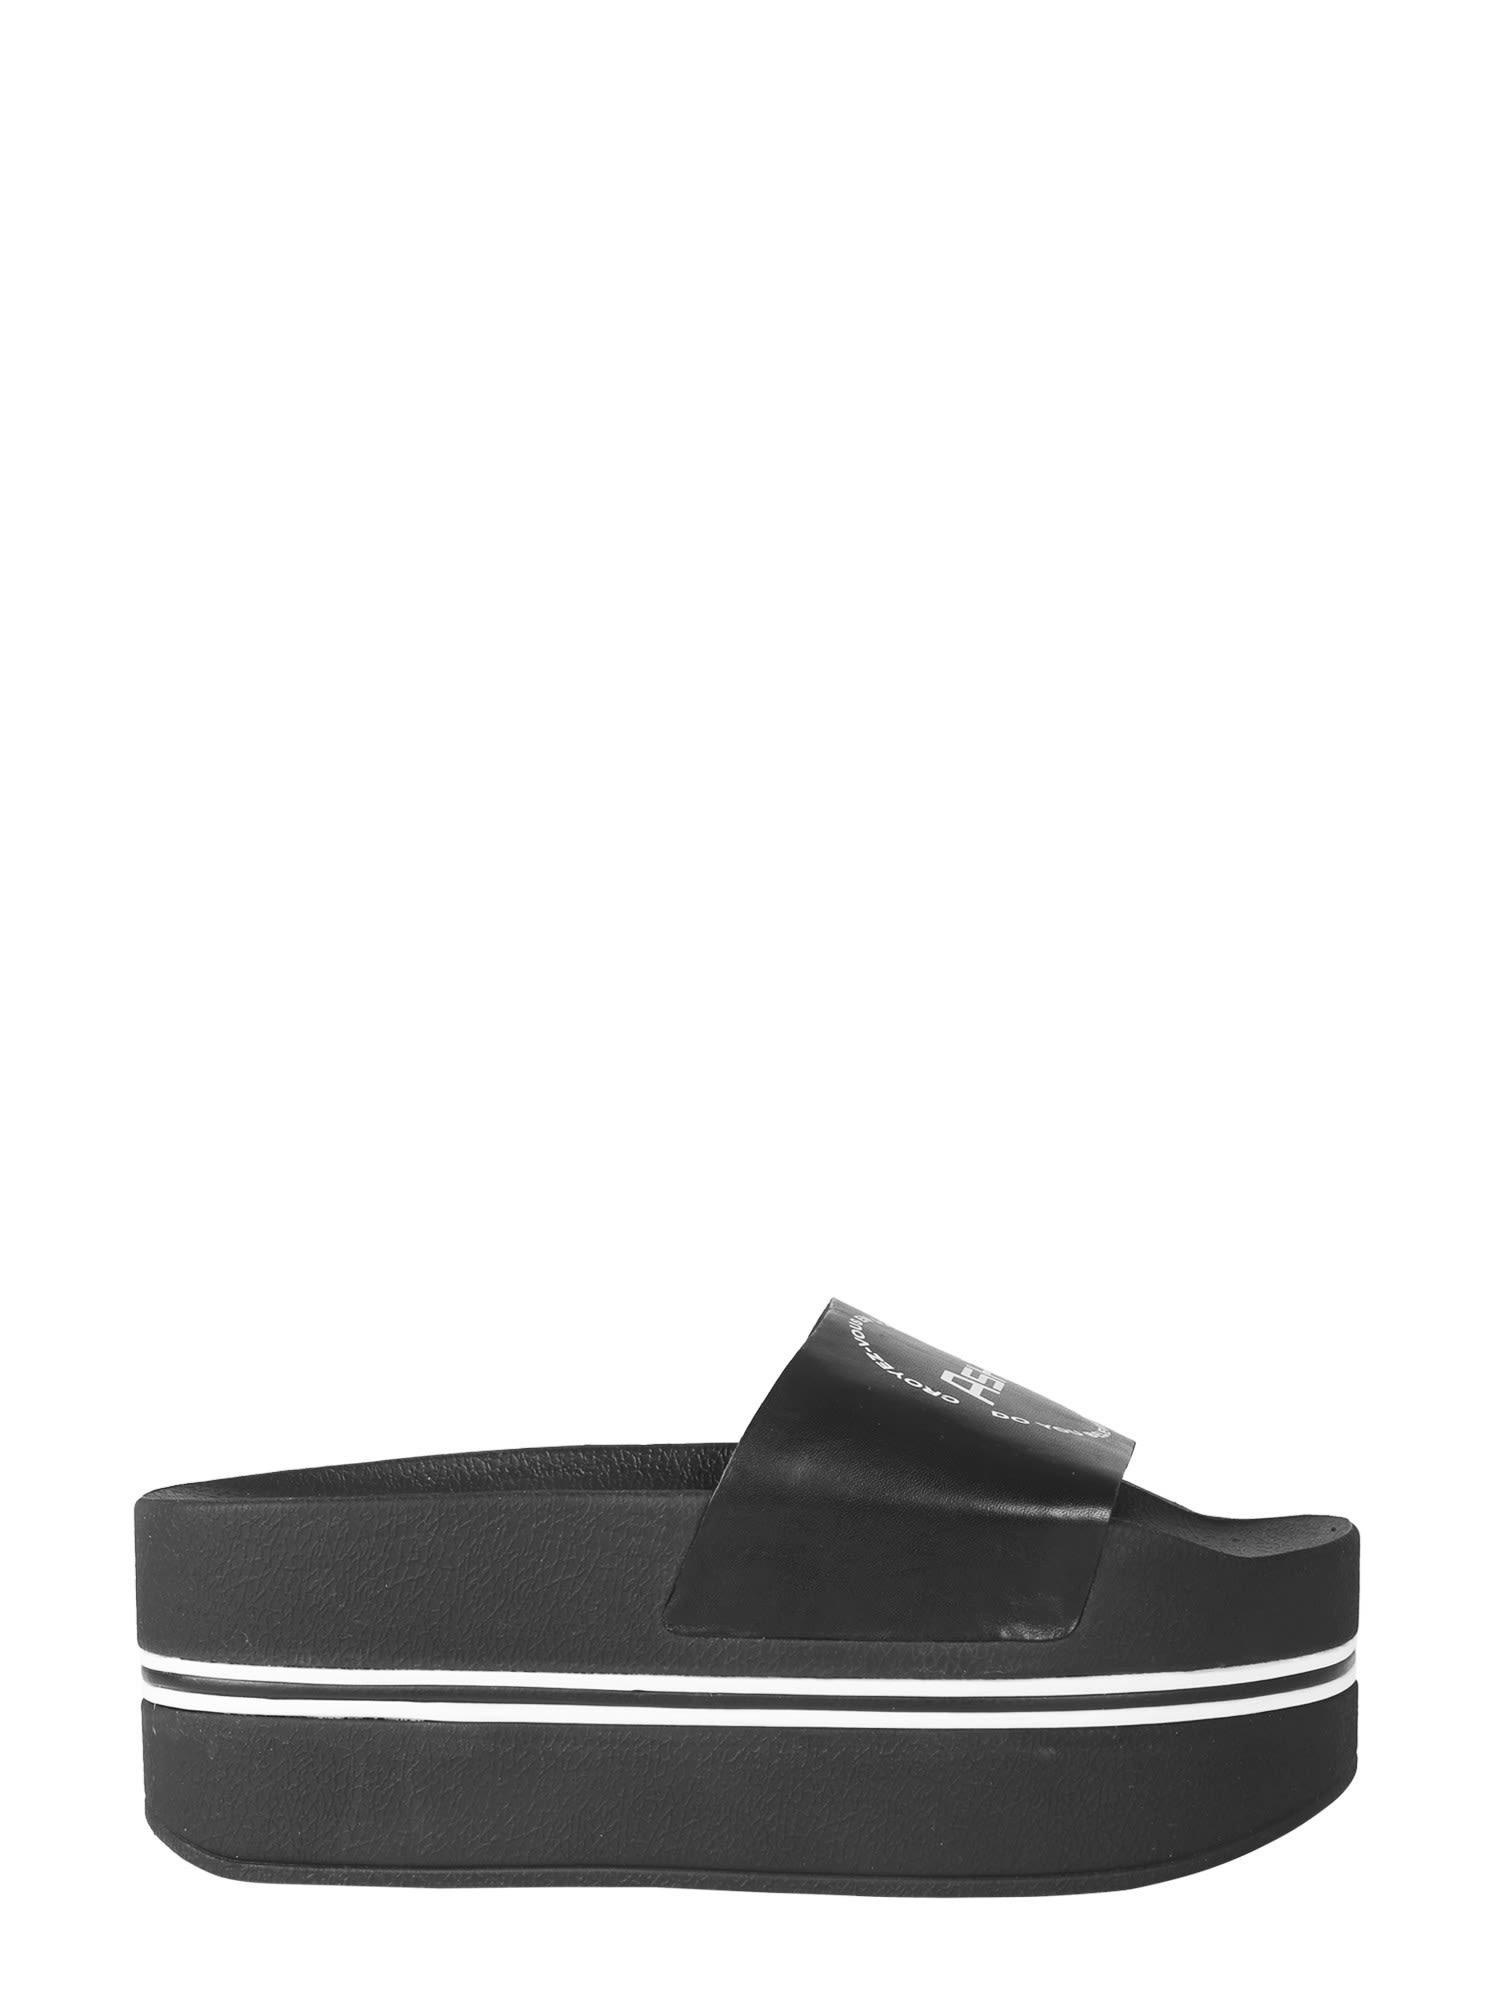 Ash Spotbis Sandals